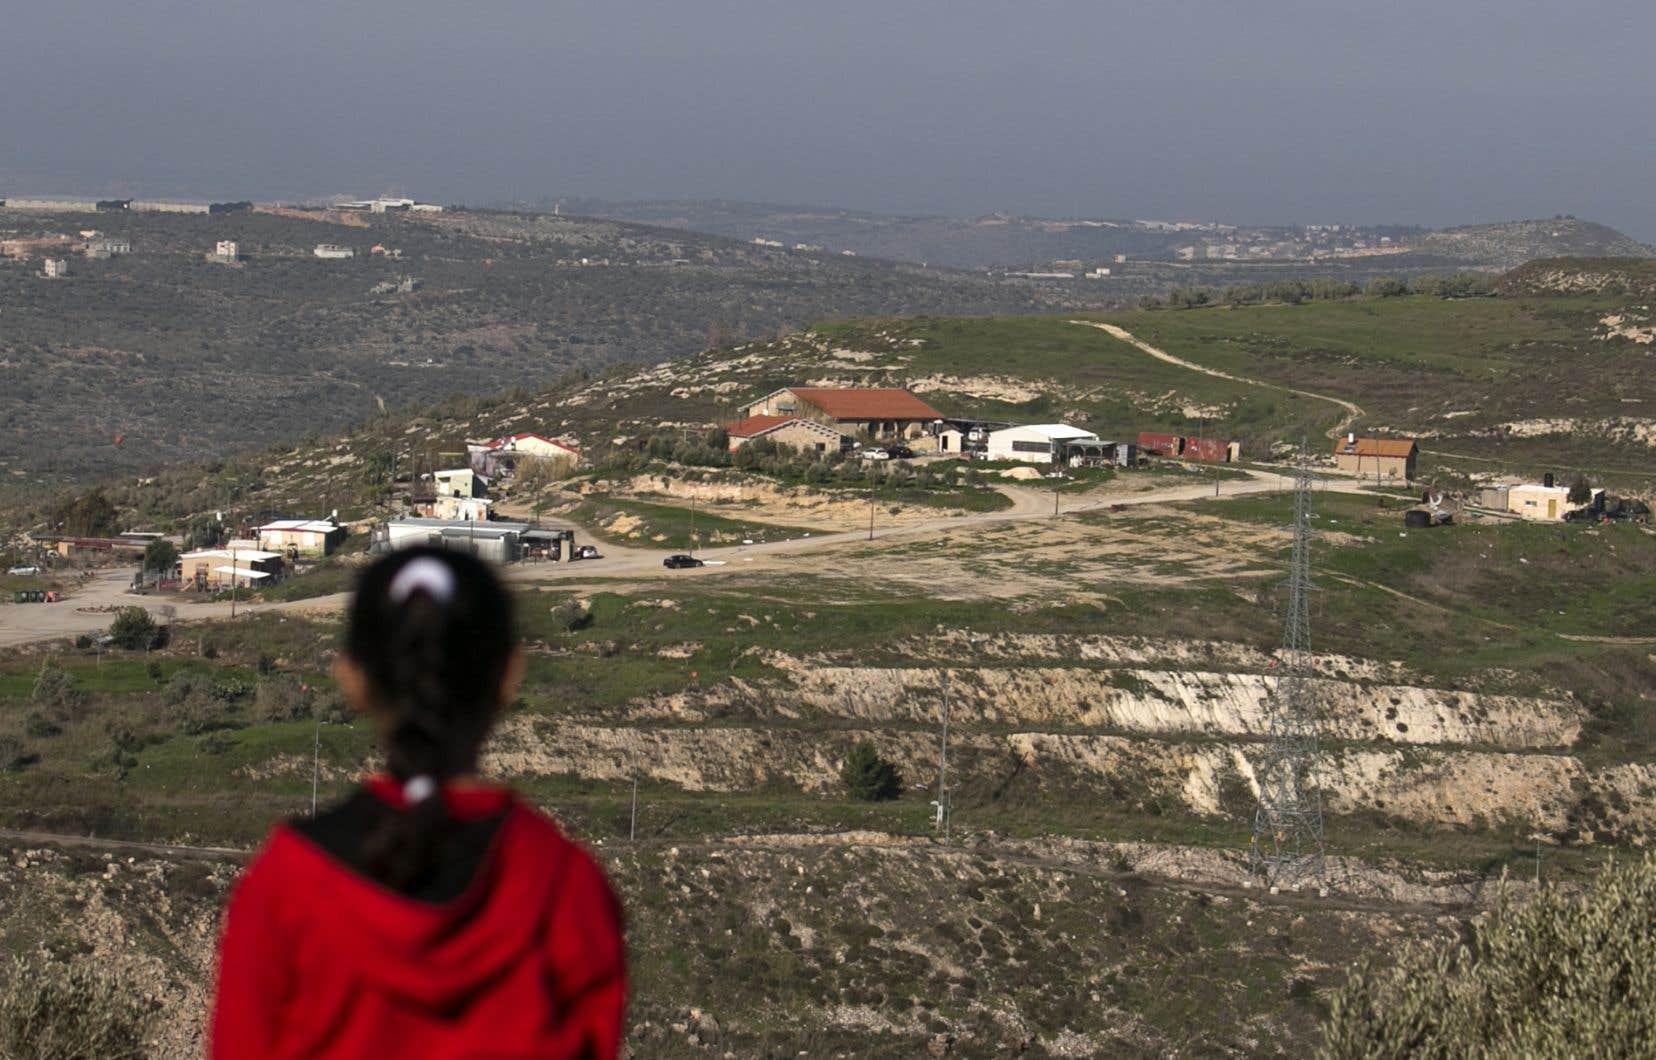 Les colonies installées sur les territoires palestiniens occupés par Israël depuis 1967 sont illégales au regard du droit international.